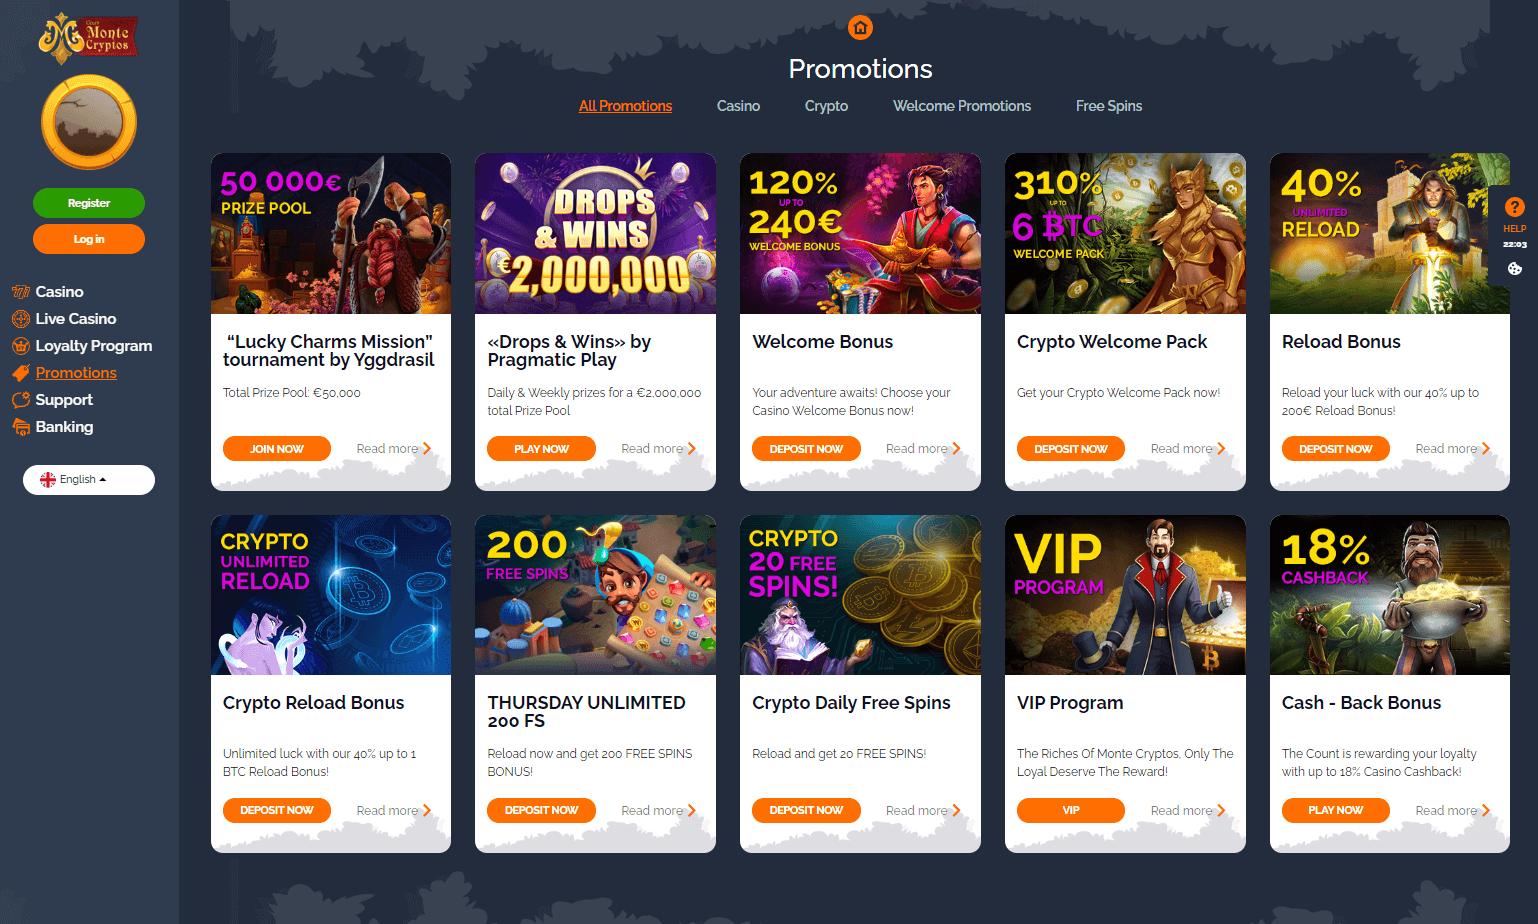 MonteCryptos Casino Bonuses